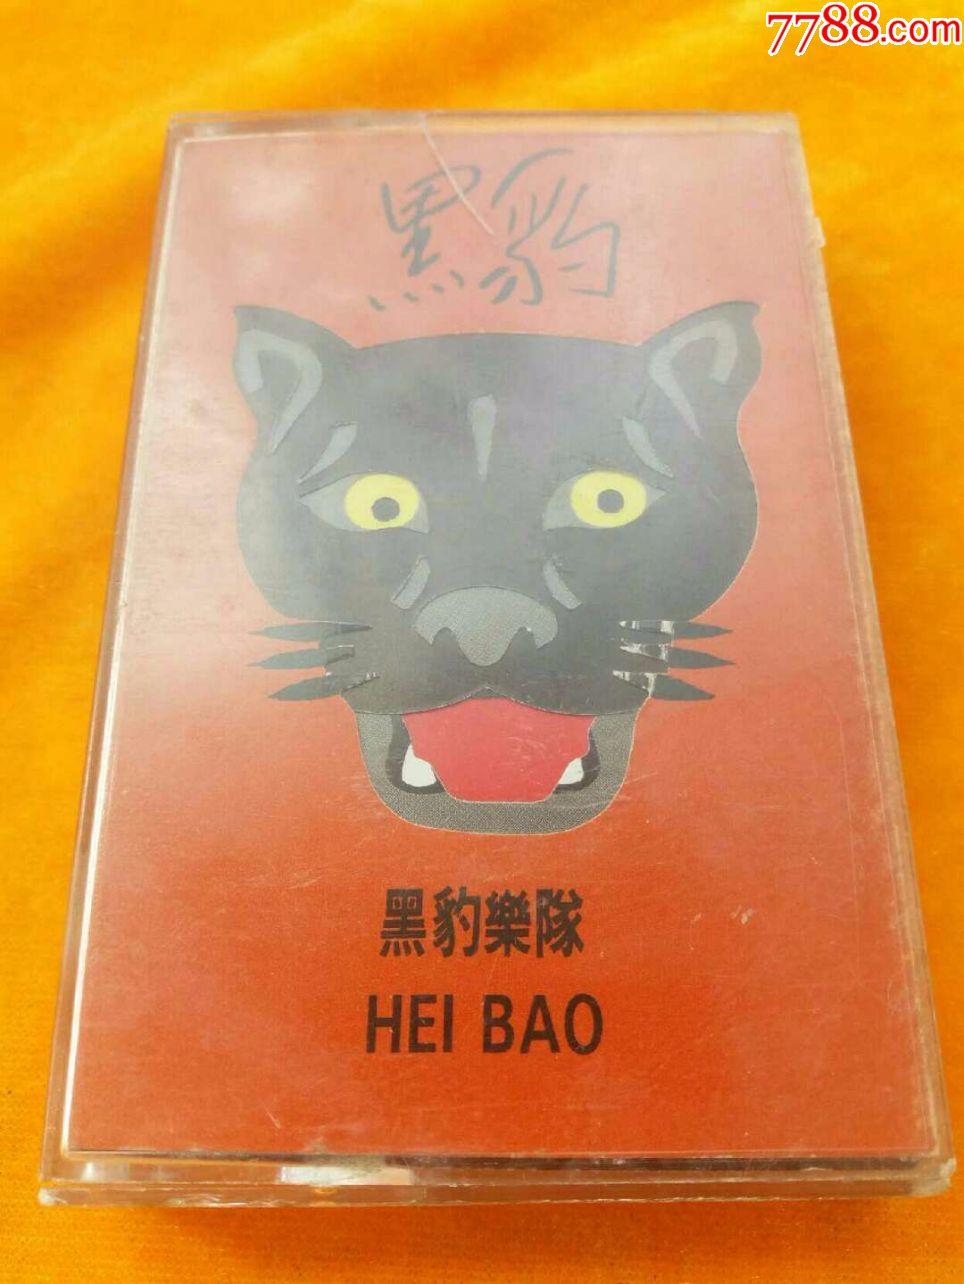 【新马之⑨】黑豹――镂空绝世版!(品如图音质佳)(au20181980)_